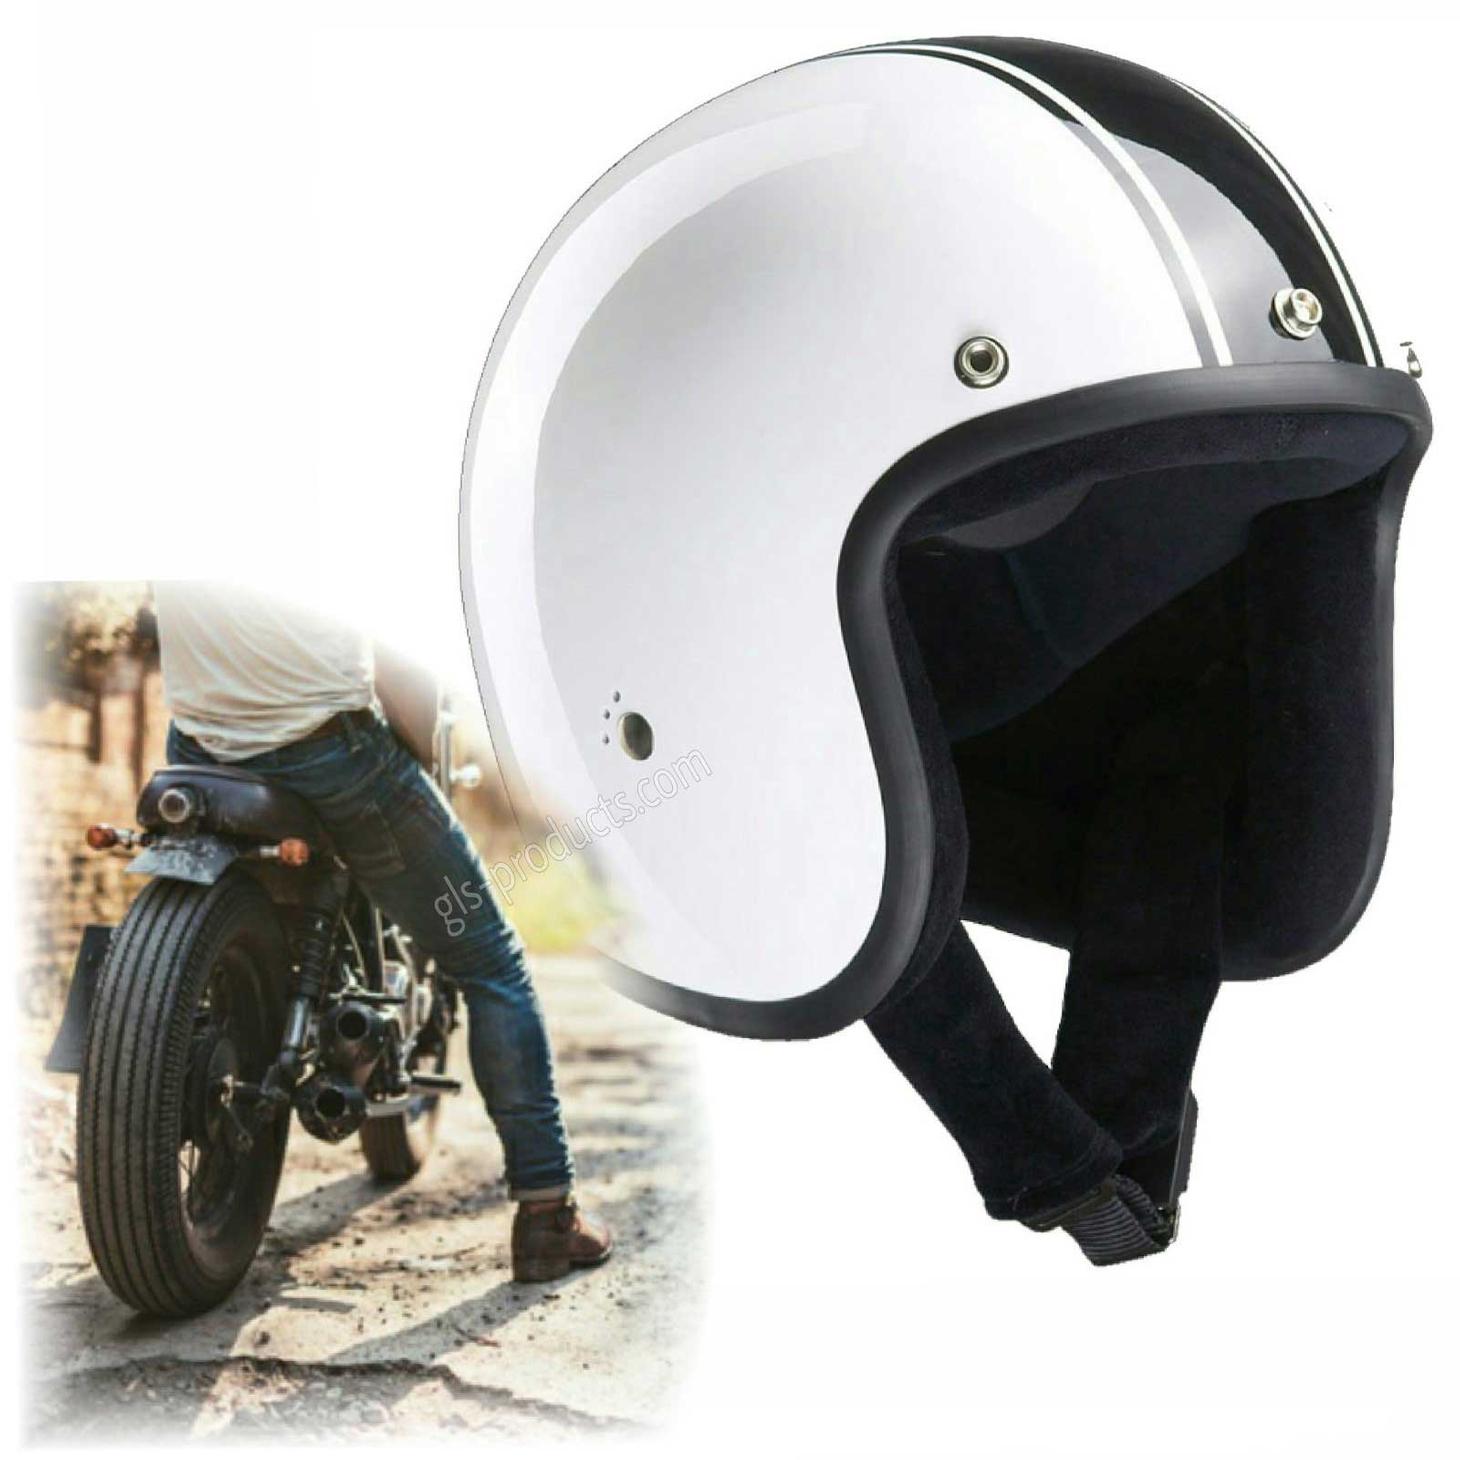 Bandit Classic Jet Helmet - Classic Motorcycle Helmet